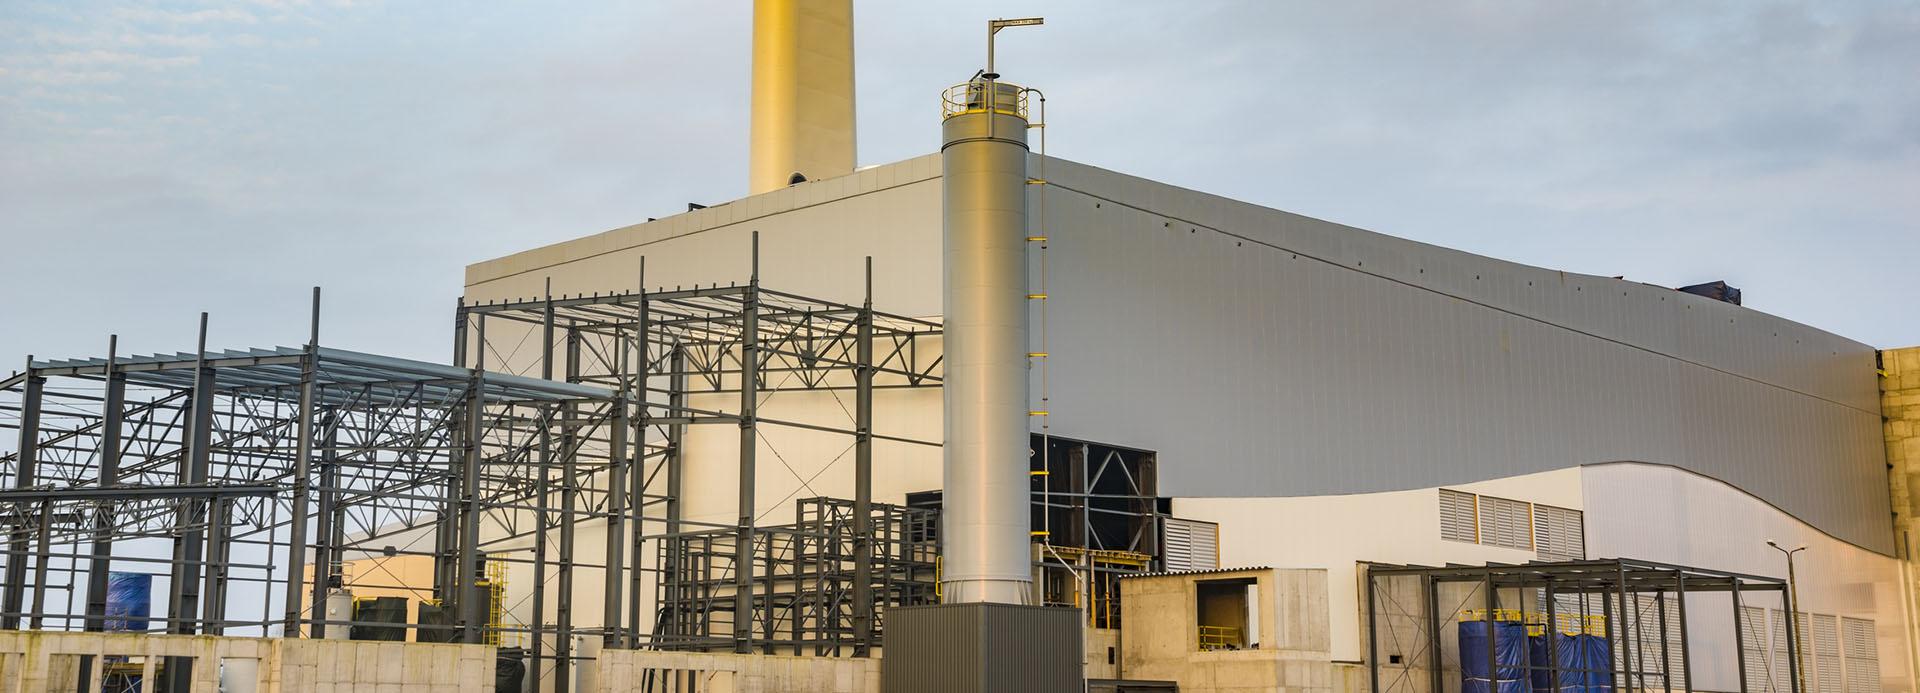 焼却炉解体工事のプロフェッショナル、焼却炉解体は梶谷工業にお任せ ...